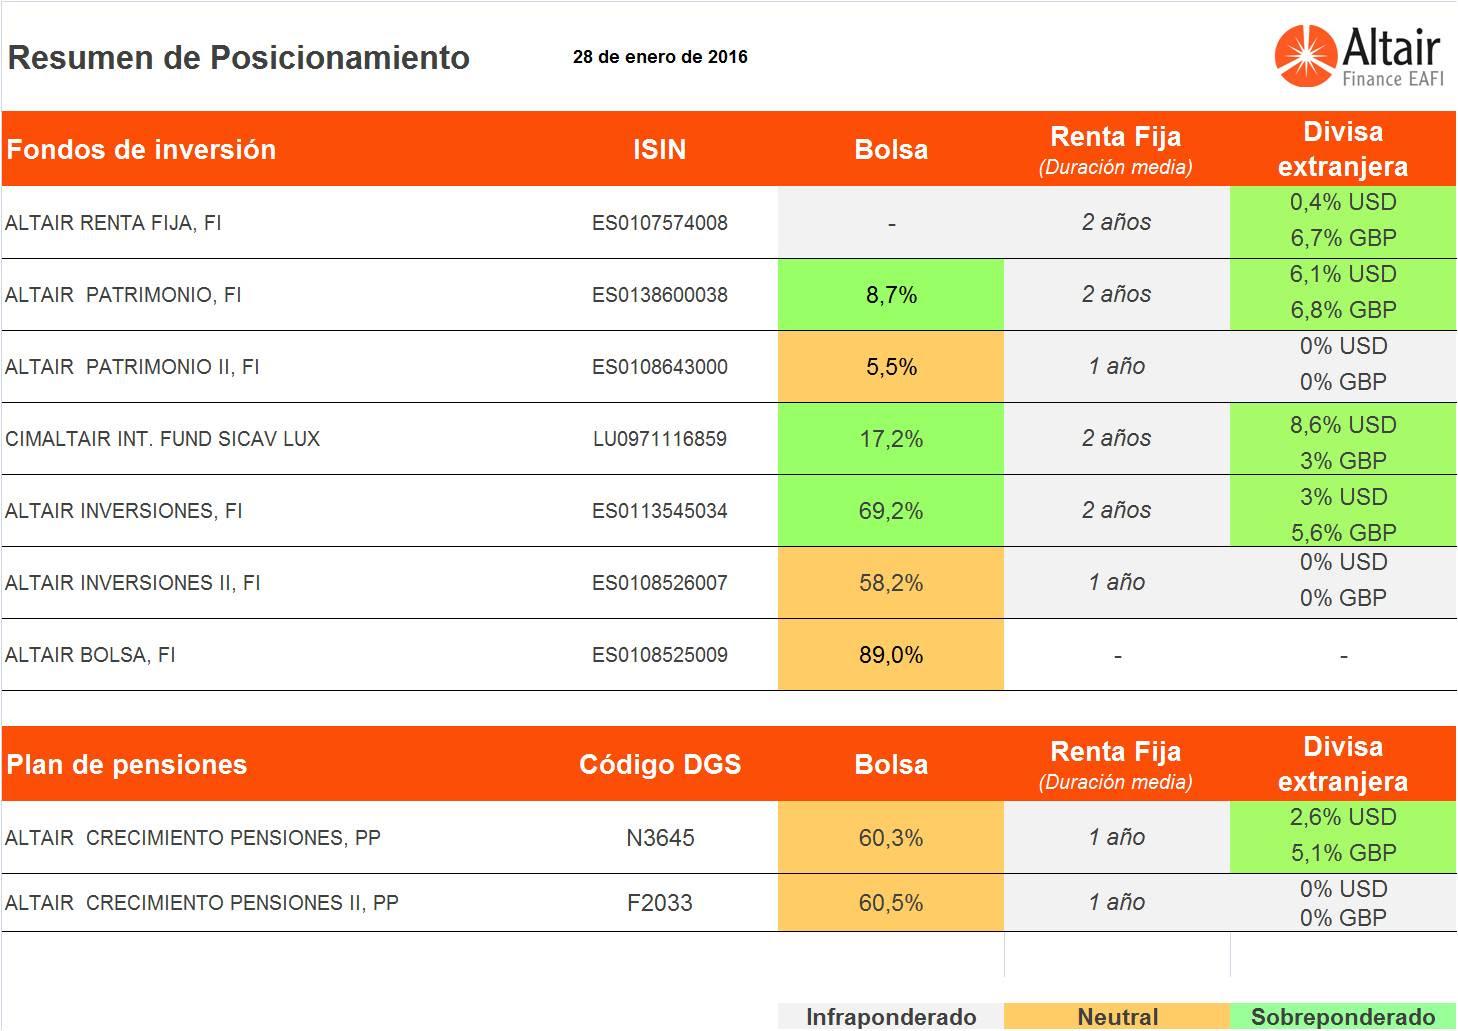 posicionamiento-fondos-asesorados-Altair-Finance-28-enero